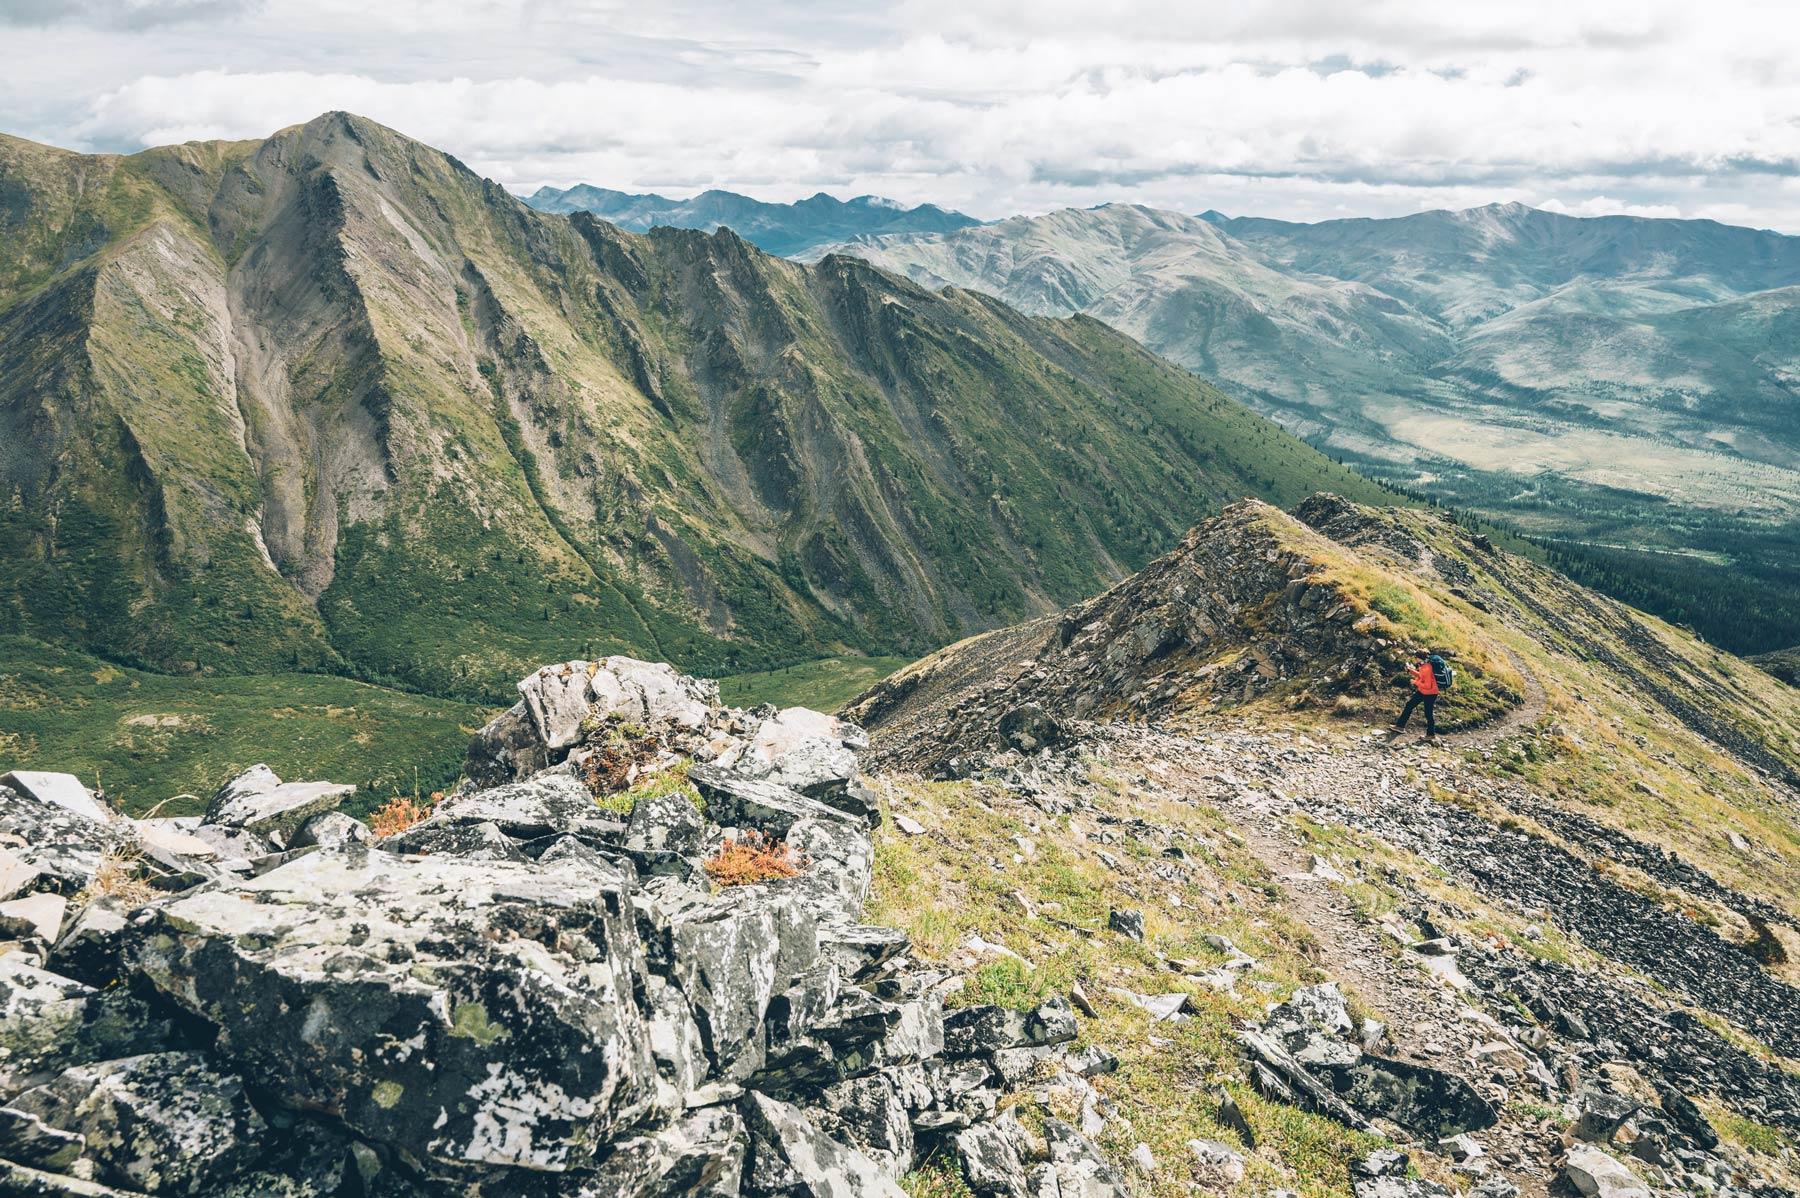 Randonnée Yukon, Grizzly Lake Trail